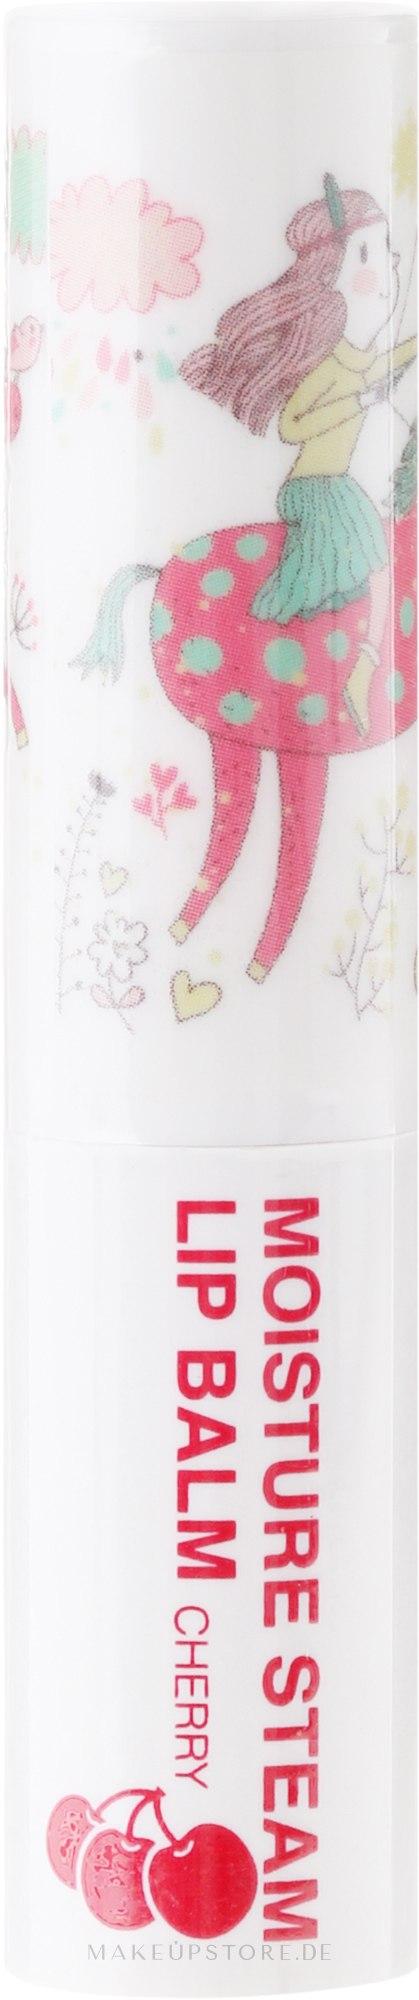 Feuchtigkeitsspendender Lippenbalsam Kirsche - Seantree Moisture Steam Lip Balm Cherry Stick (Design 2) — Bild 3.2 g